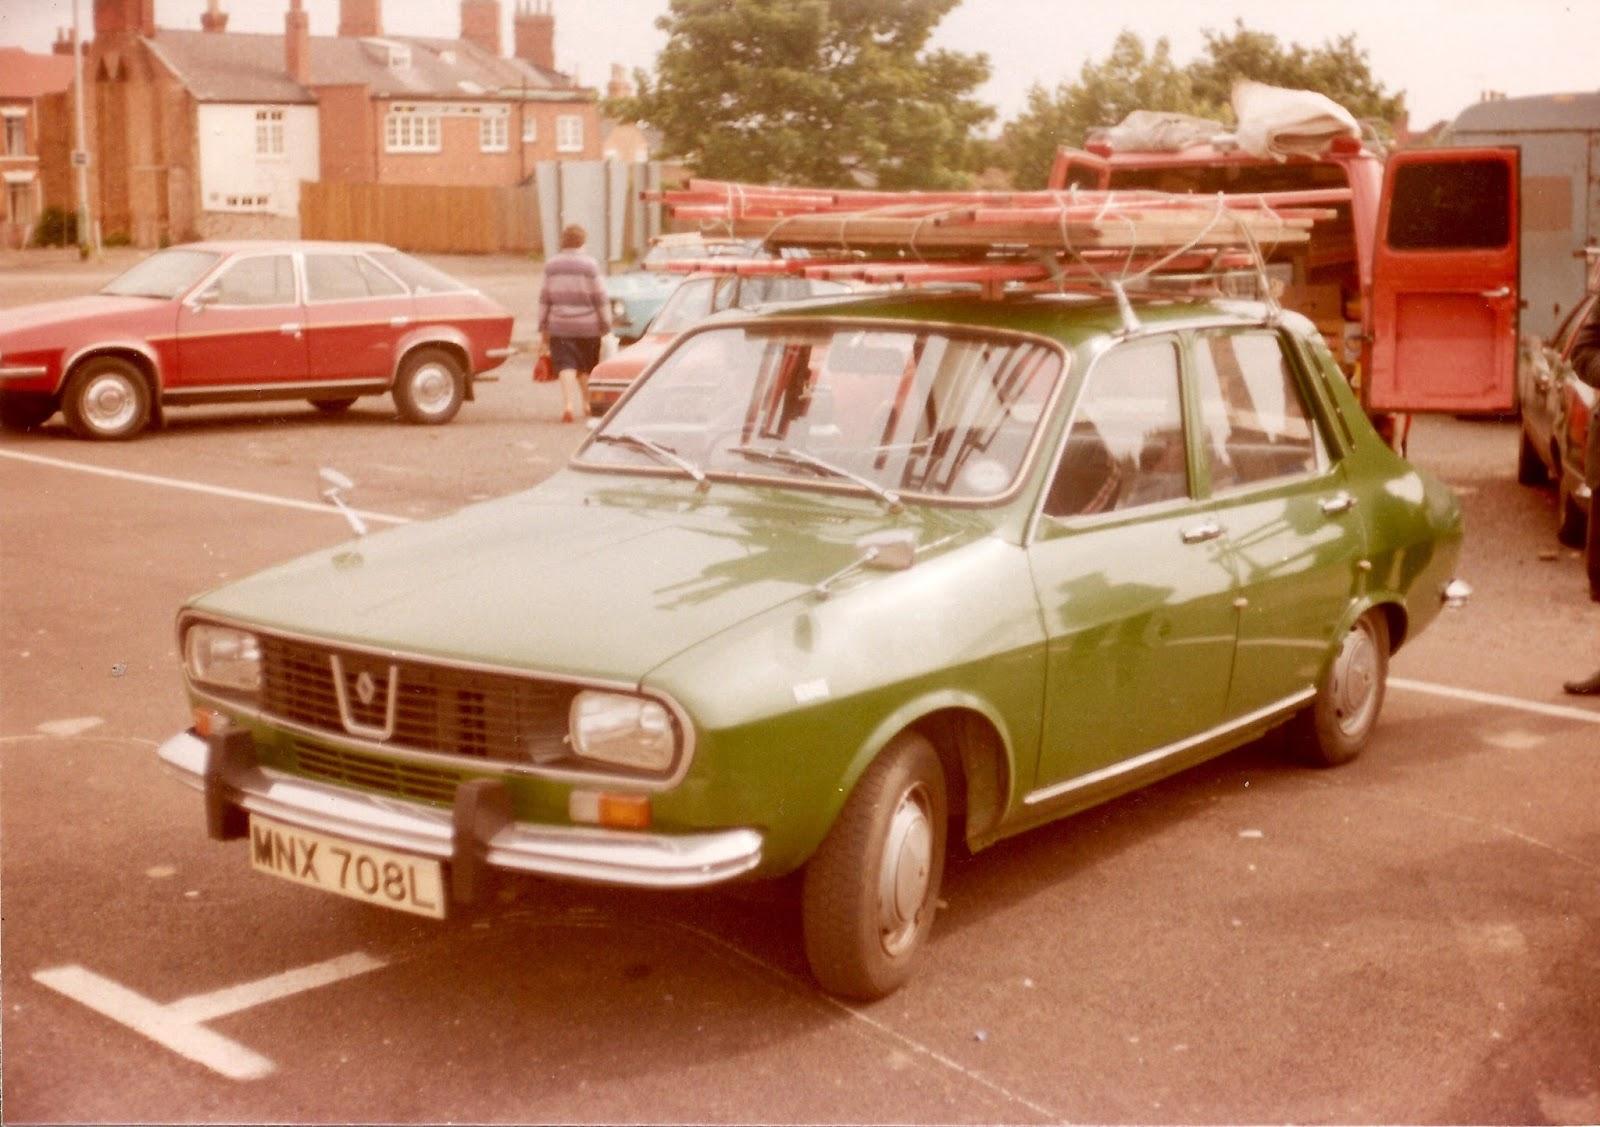 Rusty Old Rubbish: More Bobmobiles